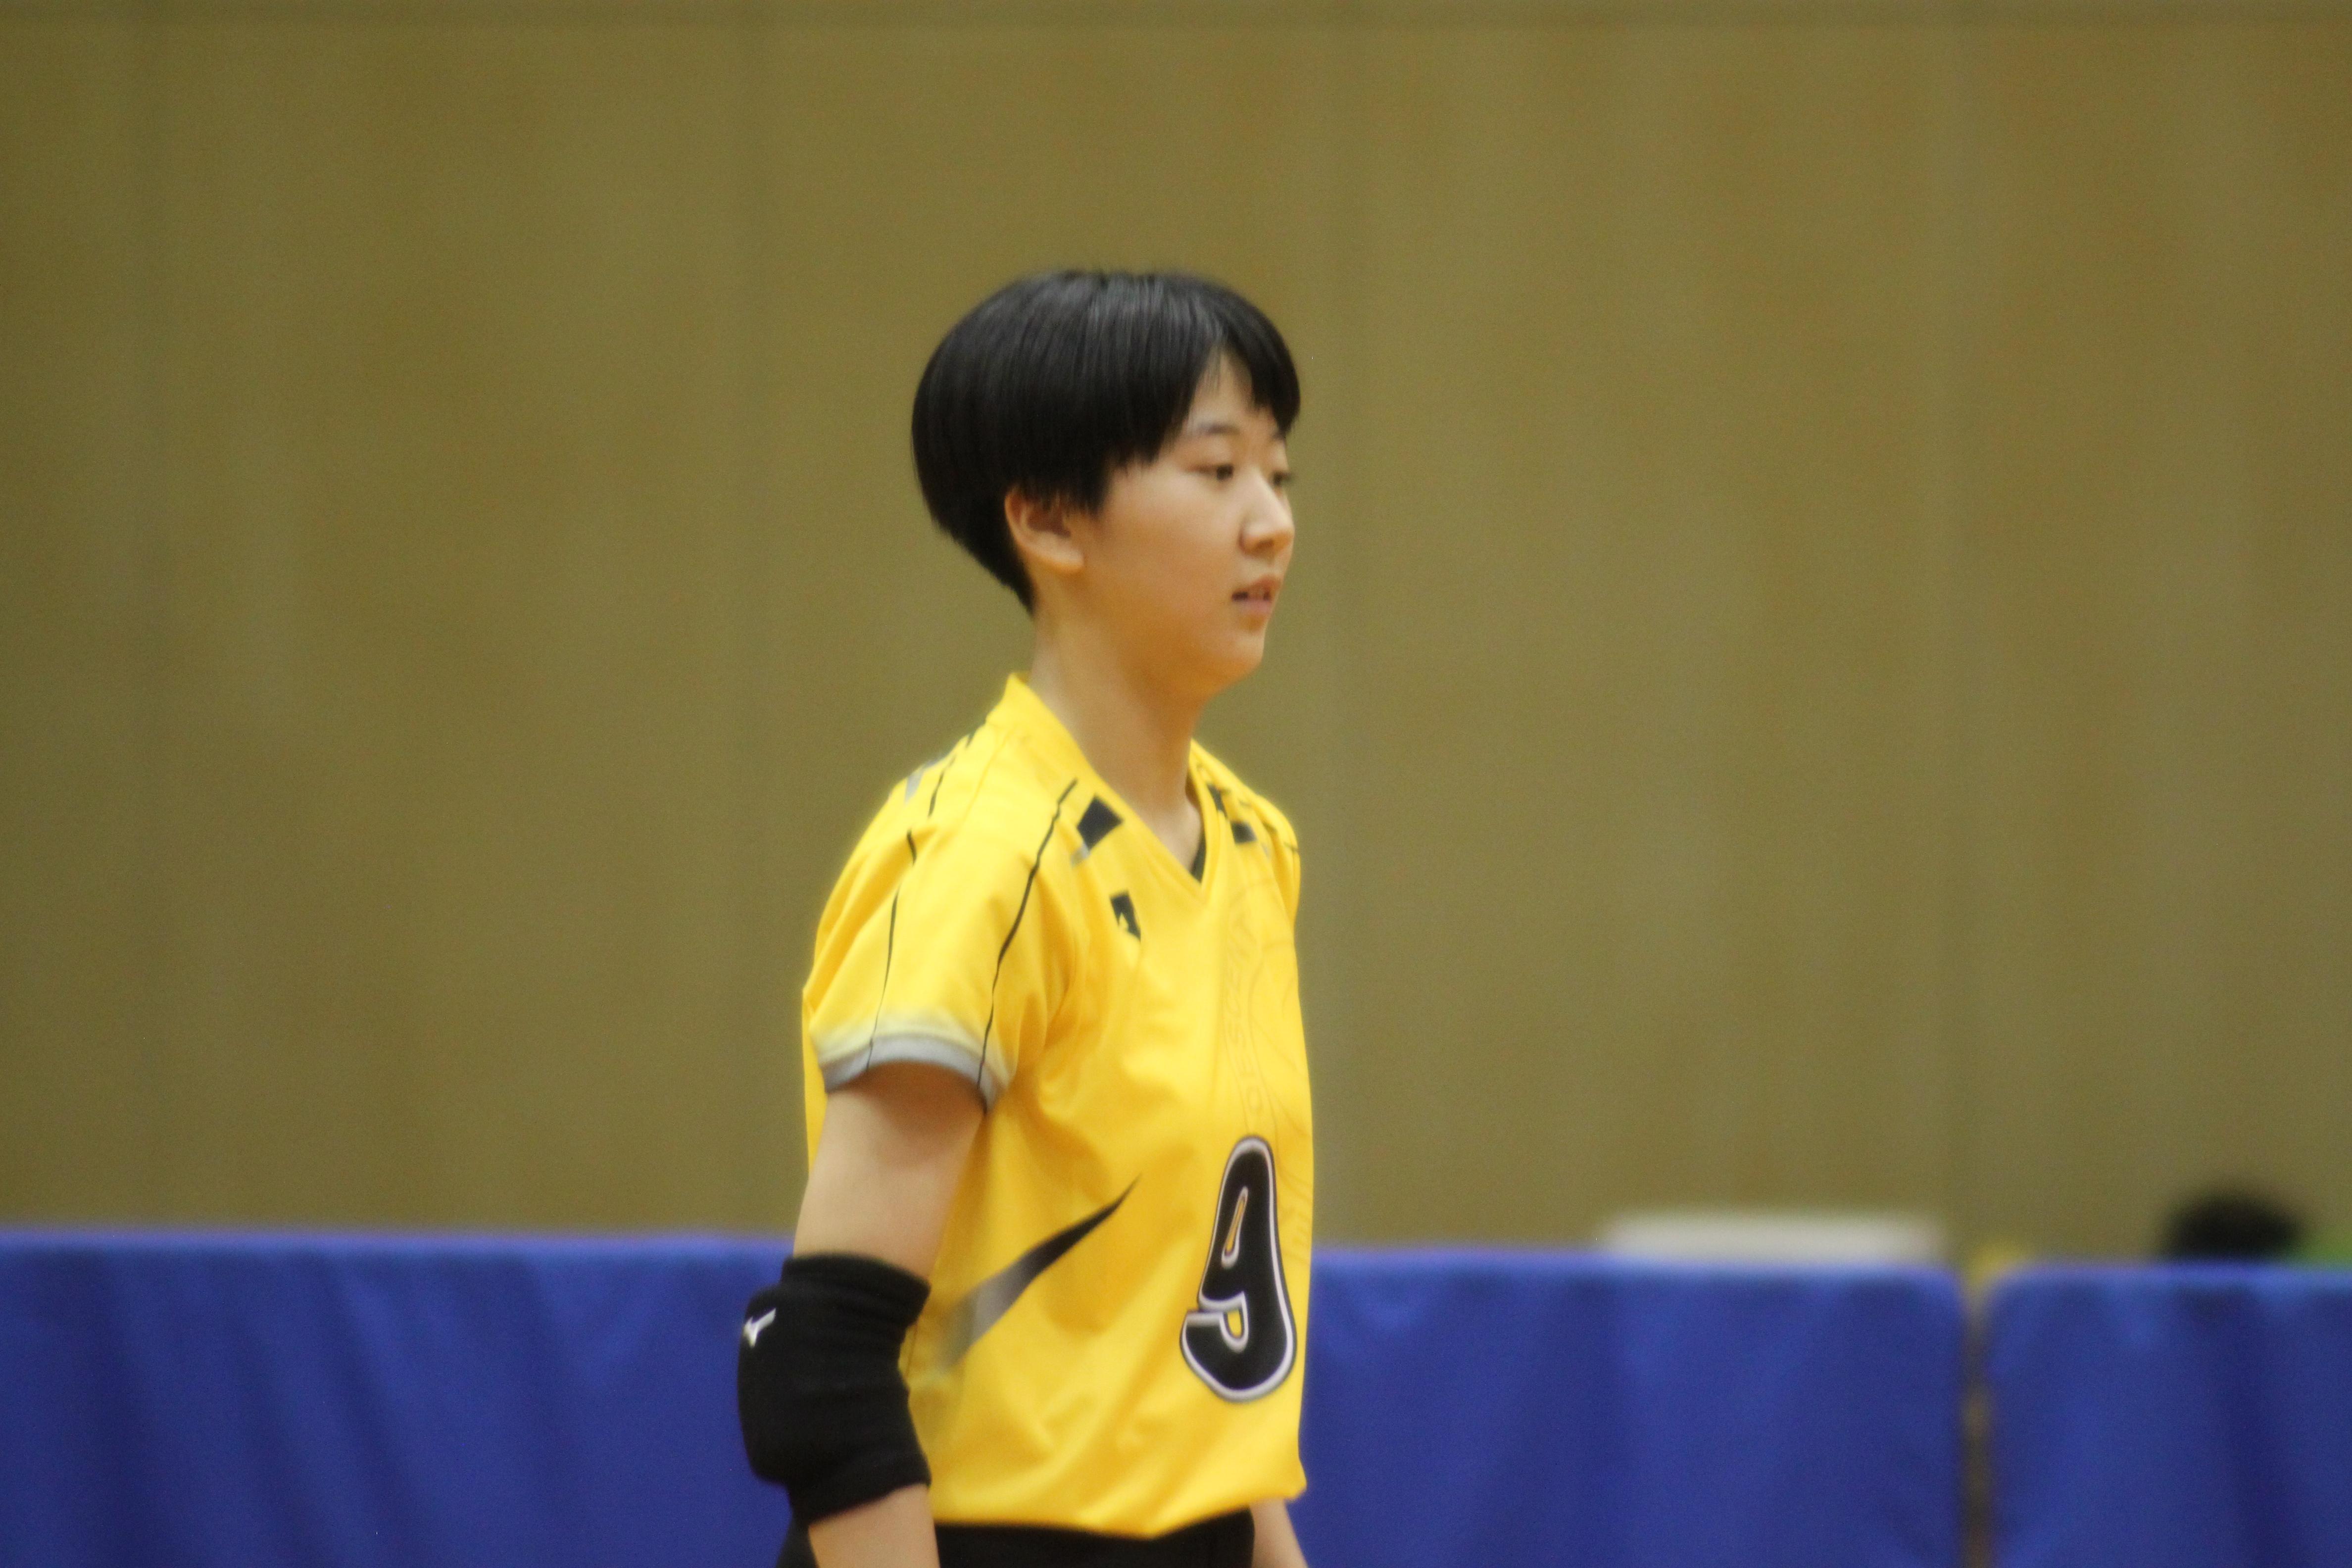 バレーボール (643)